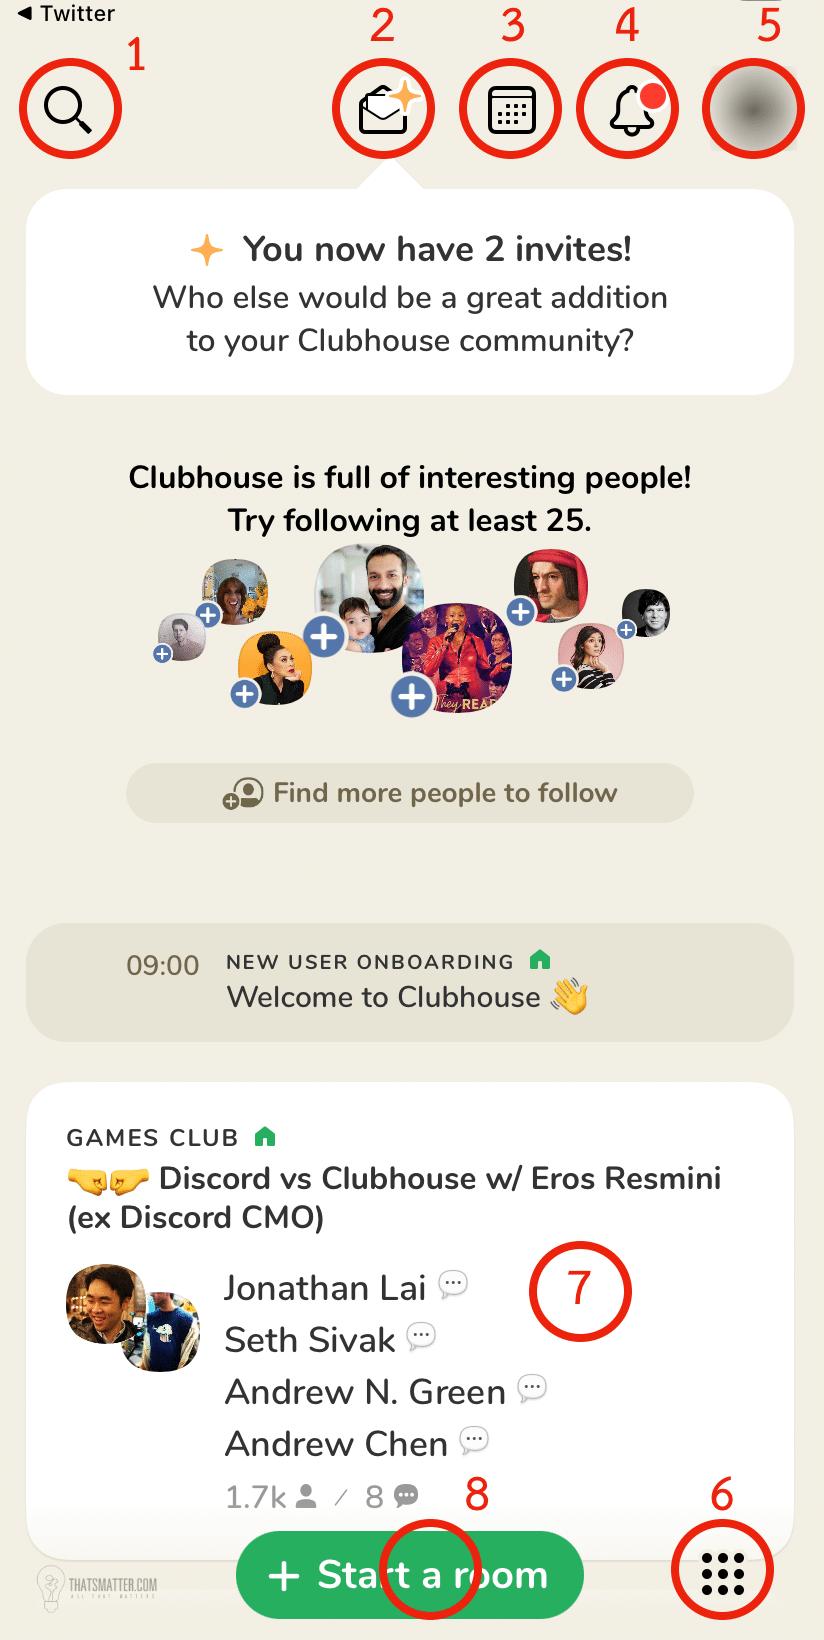 ปุ่มต่างๆ ของแอพ Clubhouse